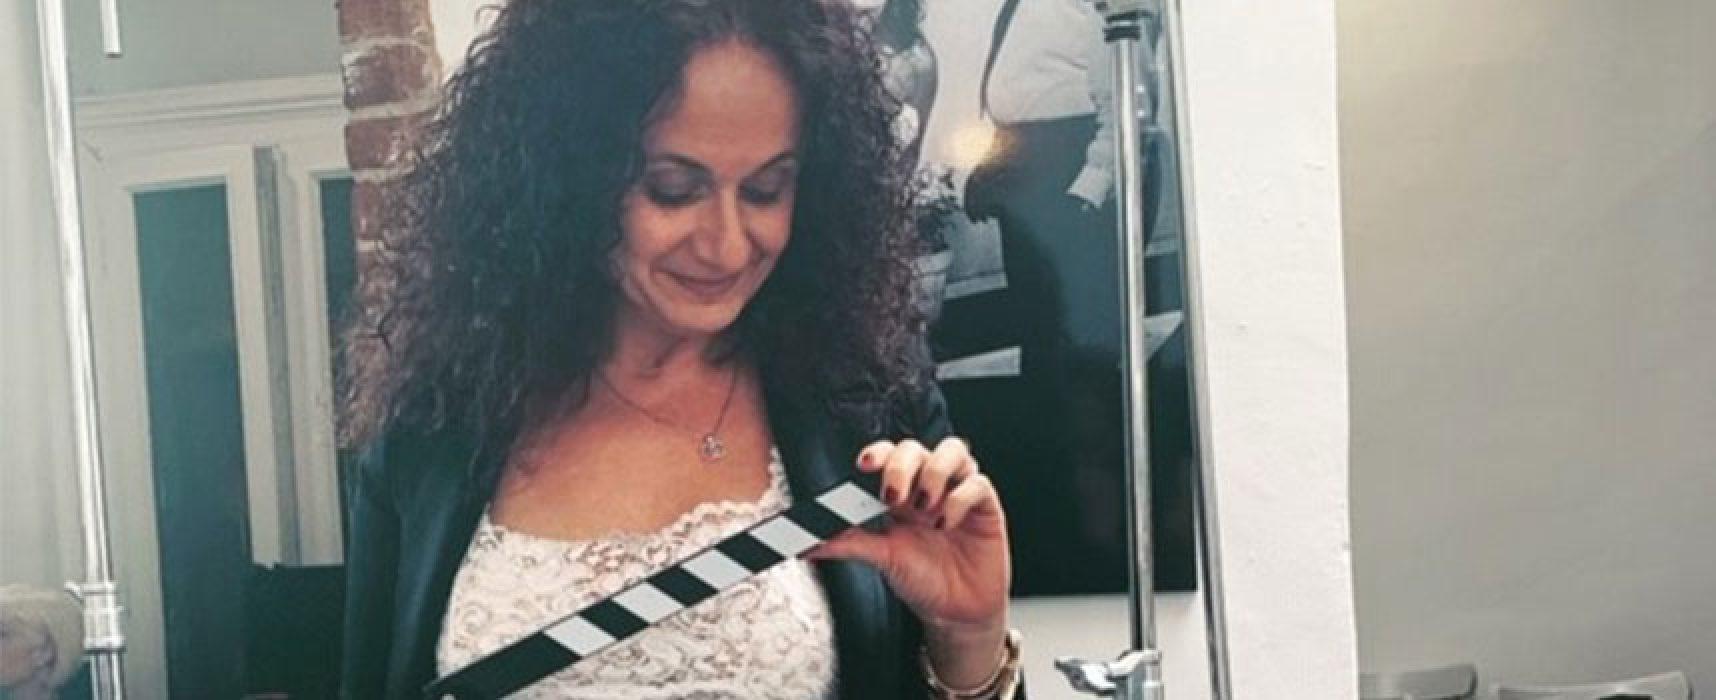 La biscegliese Rossella Di Liddo a Sanremo per gli eventi artistici